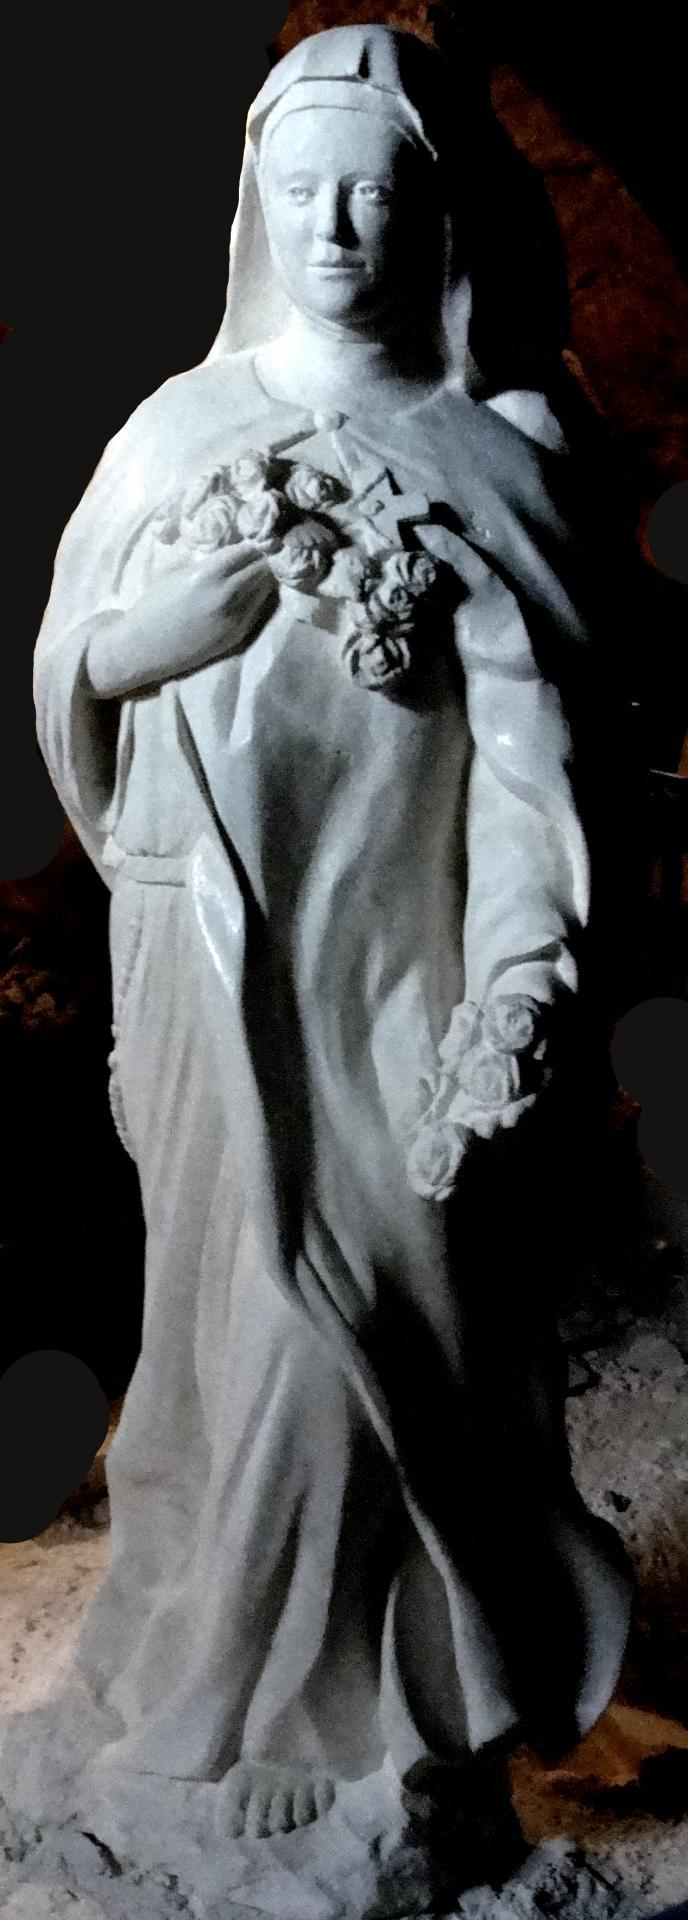 Sculpture sur pierre, statue de Ste Thérèse en ronde bosse, 1